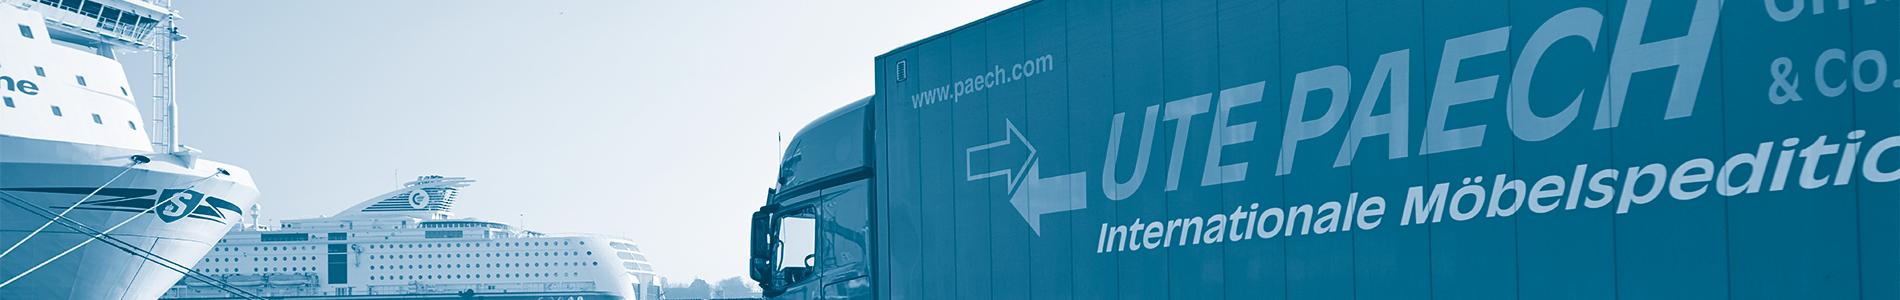 Ute Paech GmbH & Co. KG - Umzug ... und noch viel mehr!